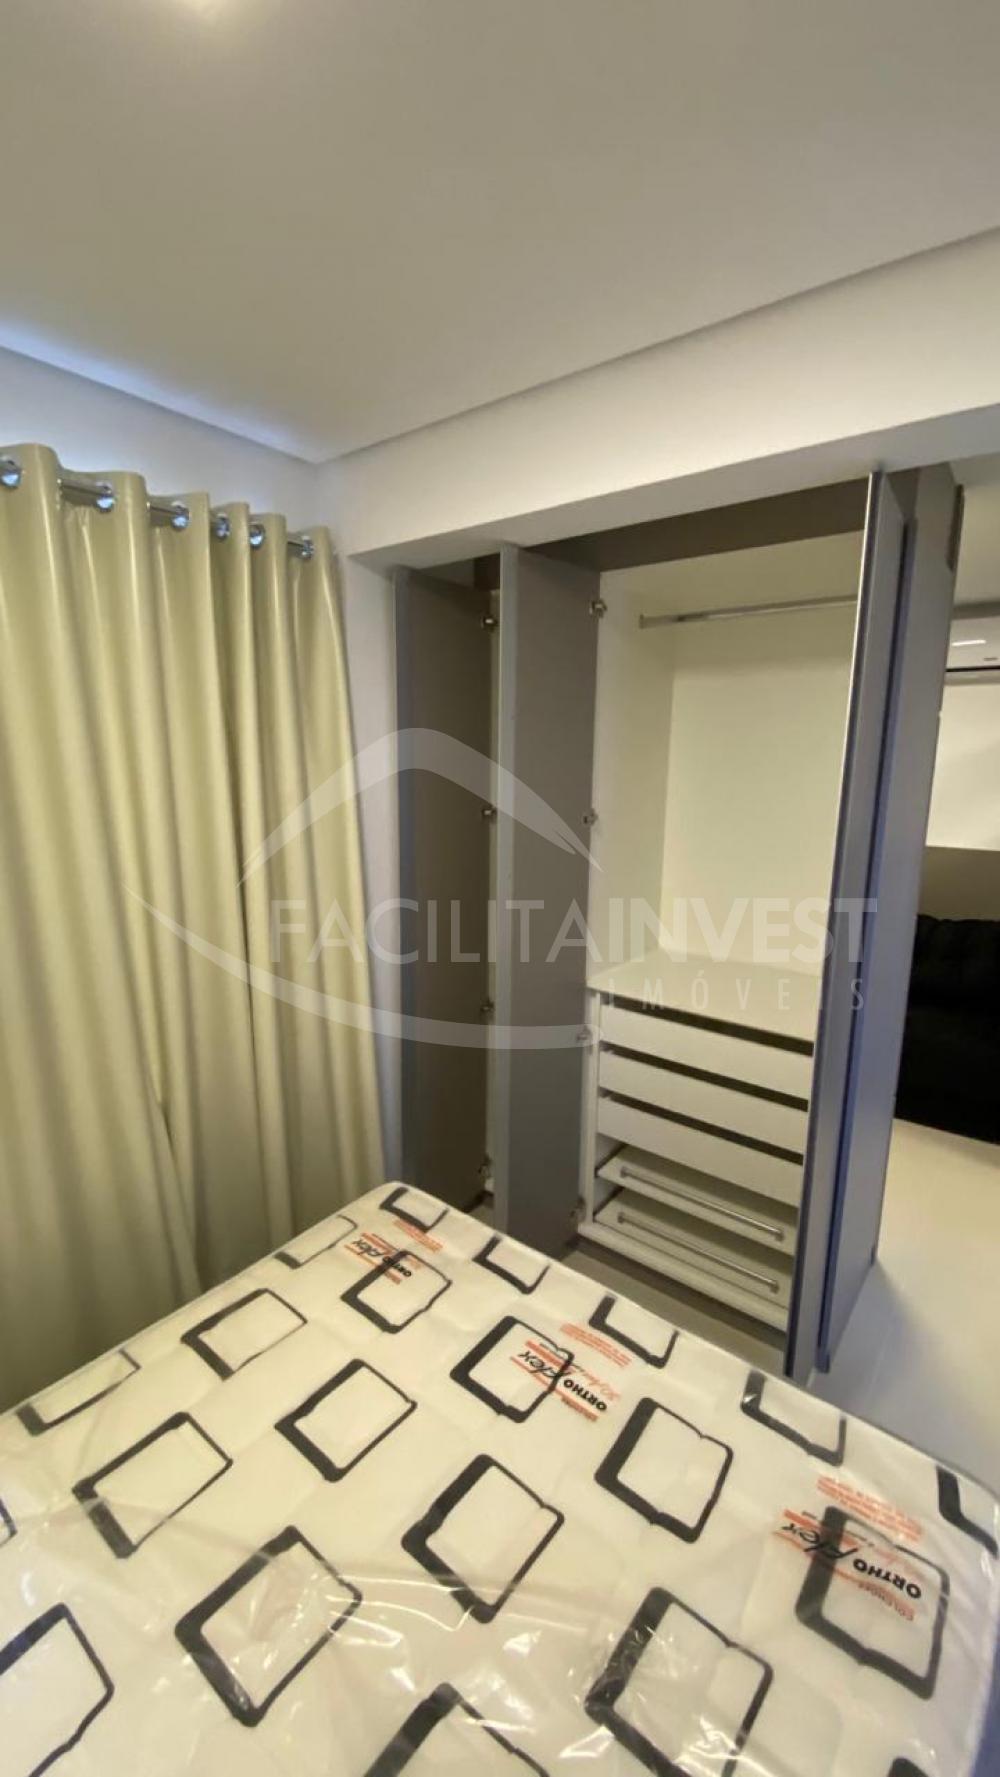 Alugar Apartamentos / Apartamento/ Flat Mobiliado em Ribeirão Preto apenas R$ 1.600,00 - Foto 5